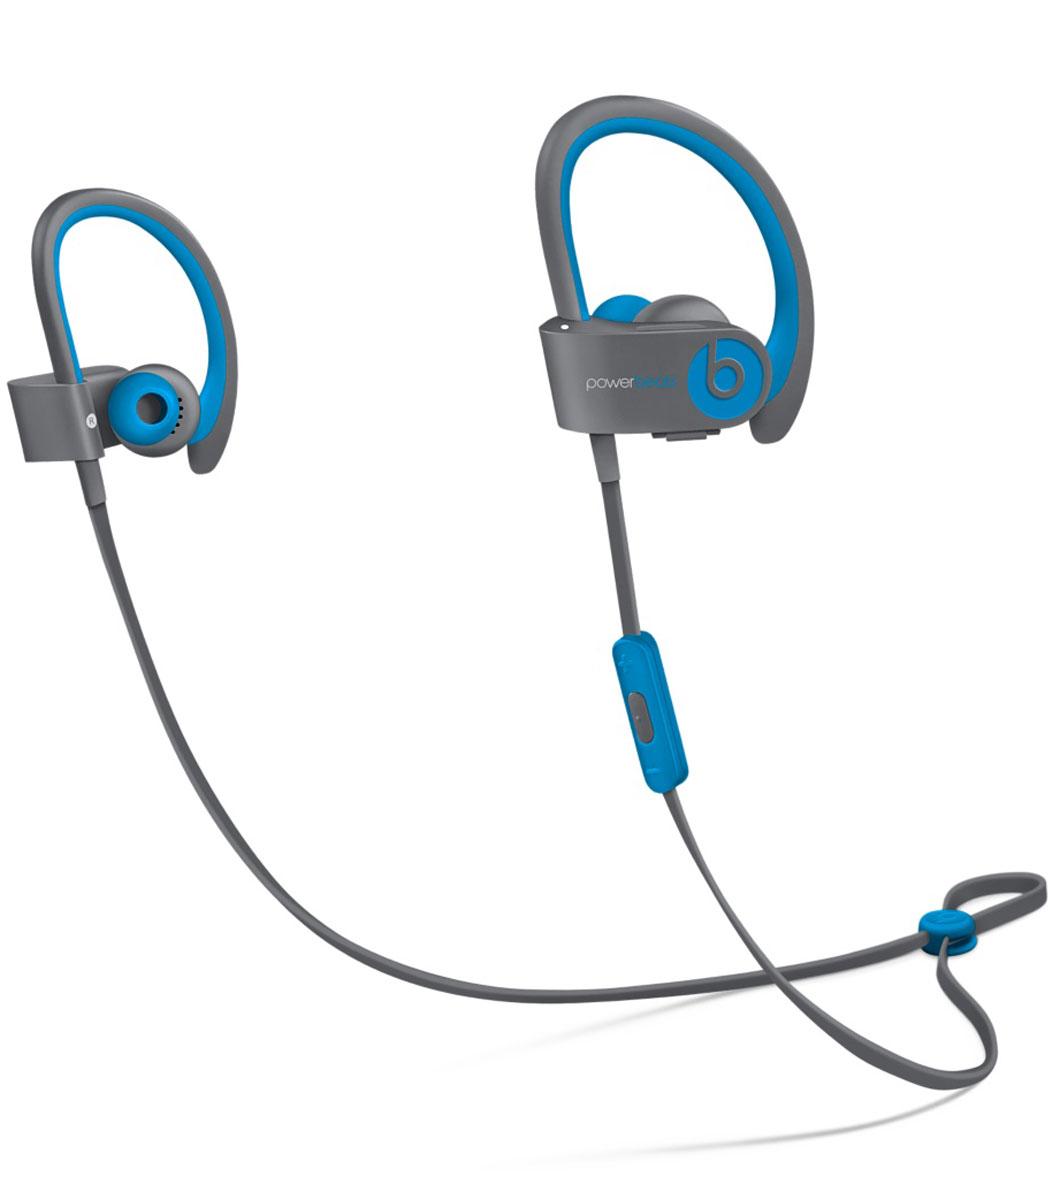 Beats Powerbeats2 Wireless Active Collection, Blue Grey наушникиMKQ02ZE/AСтильные беспроводные наушники Beats Powerbeats2 Wireless из коллекции Active дают вам полную свободу на пробежках и тренировках с iPhone или iPod. Беспроводные наушники, вдохновлённые Леброном Джеймсом, бросают вызов обыденности, давая атлетам импульс к непревзойдённым результатам. Лёгкие и мощные, с двумя акустическими головками, совершенно новые беспроводные наушники воспроизводят звук великолепного качества на мощности, которая нужна вам для движения на пробежке или тренировке.От городских улиц до игровых площадок - наушники Powerbeats2 Wireless дают вам полную свободу на тренировках. Беспроводная технология Bluetooth даёт возможность подключаться к iPhone, iPod или другому устройству Bluetooth на расстоянии до 9 метров - вы можете свободно двигаться и сосредоточиться на спорте. Подзаряжаемый аккумулятор на 6 часов воспроизведения даст вам силы выстоять до конца. А если он разрядился, 15-минутная быстрая зарядка обеспечит ему дополнительный час работы. Не дайте поту вас остановить. Наушники Powerbeats2 Wireless защищены от пота и воды, а дополнительное покрытие на пульте RemoteTalk исключает скольжение, когда вы регулируете громкость, переключаете треки и звоните через гарнитуру. Добавьте силы своему звуку. Акустическая система с двумя головками воспроизводит широкий диапазон частот с чёткими высокими тонами и мощными басами, вдохновляя вам на пробежках и тренировках.